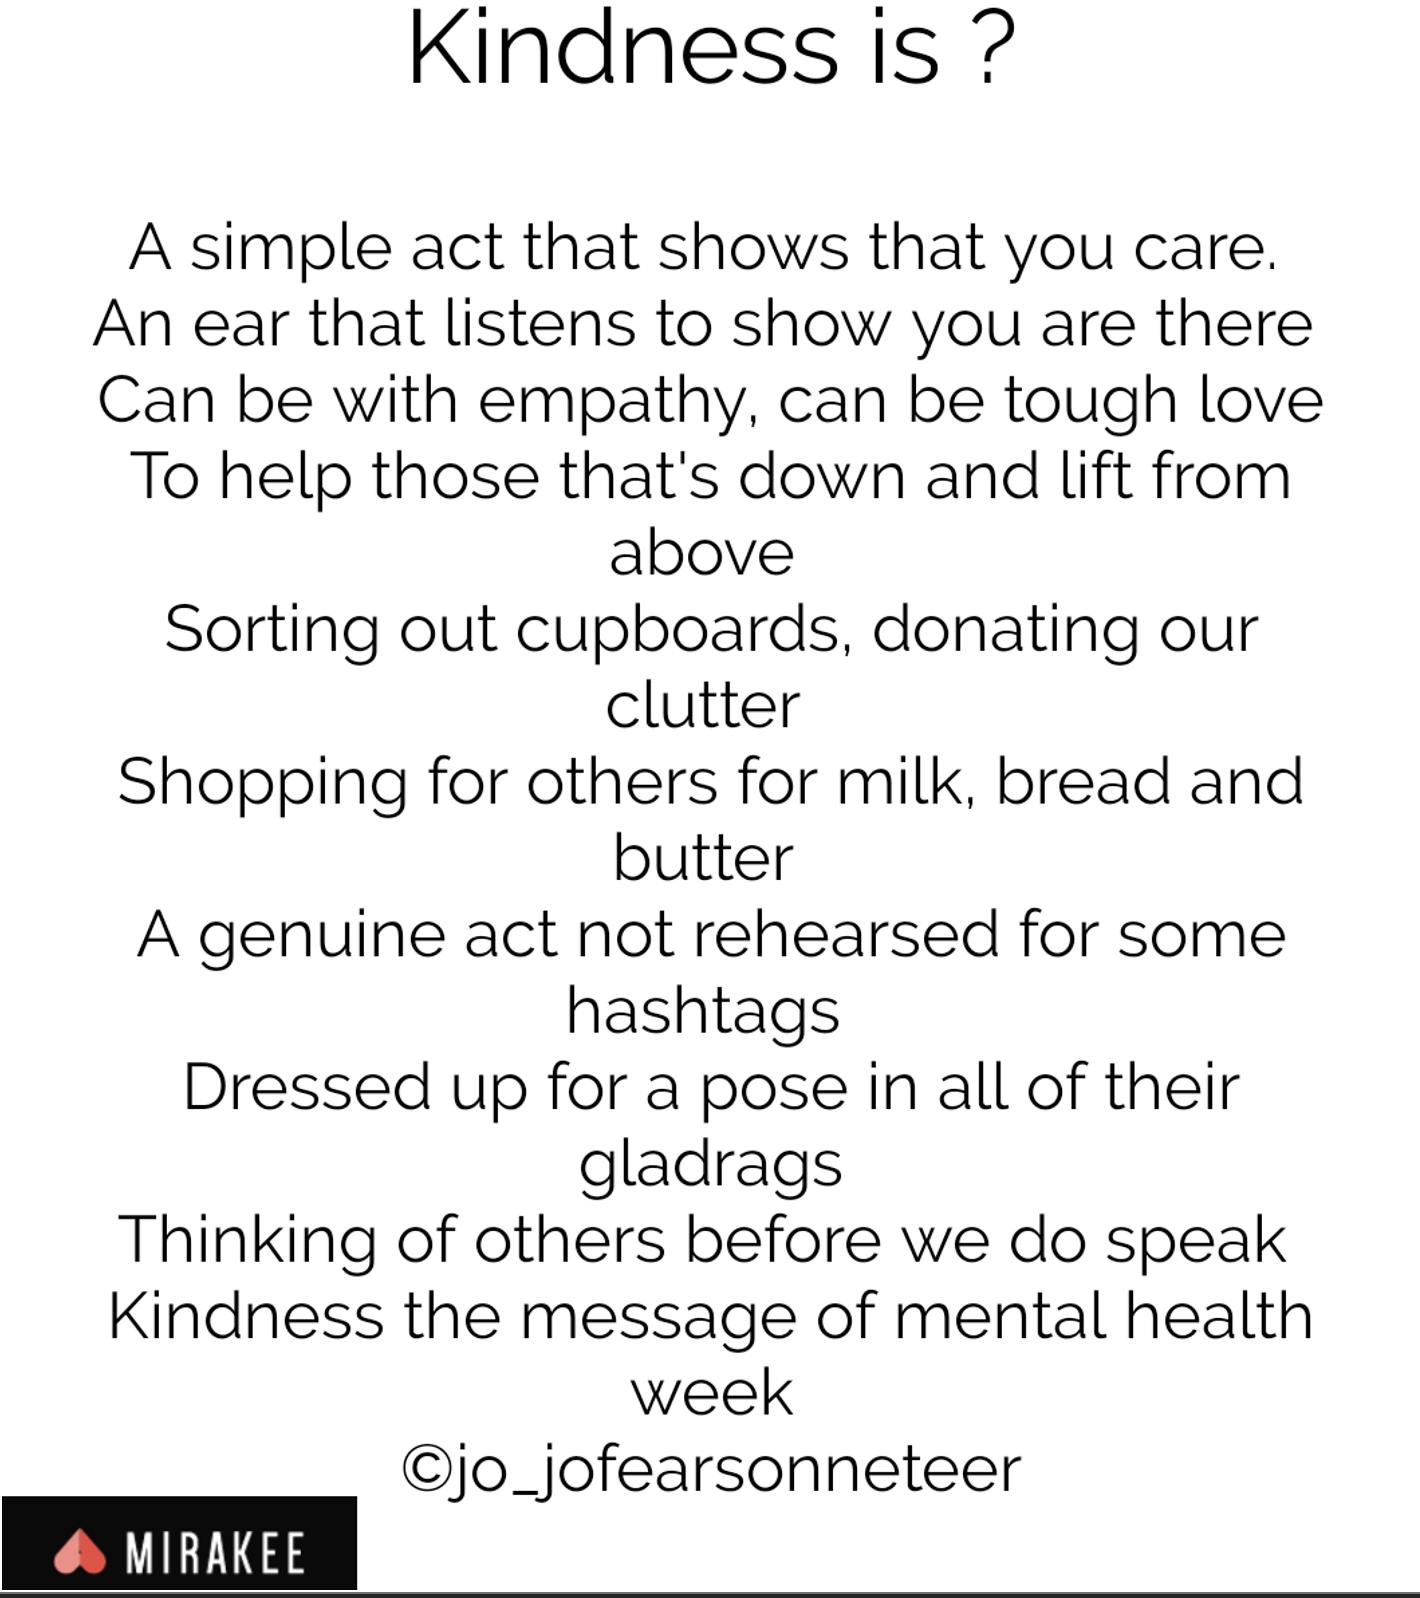 Kindness is by Jo Fearon